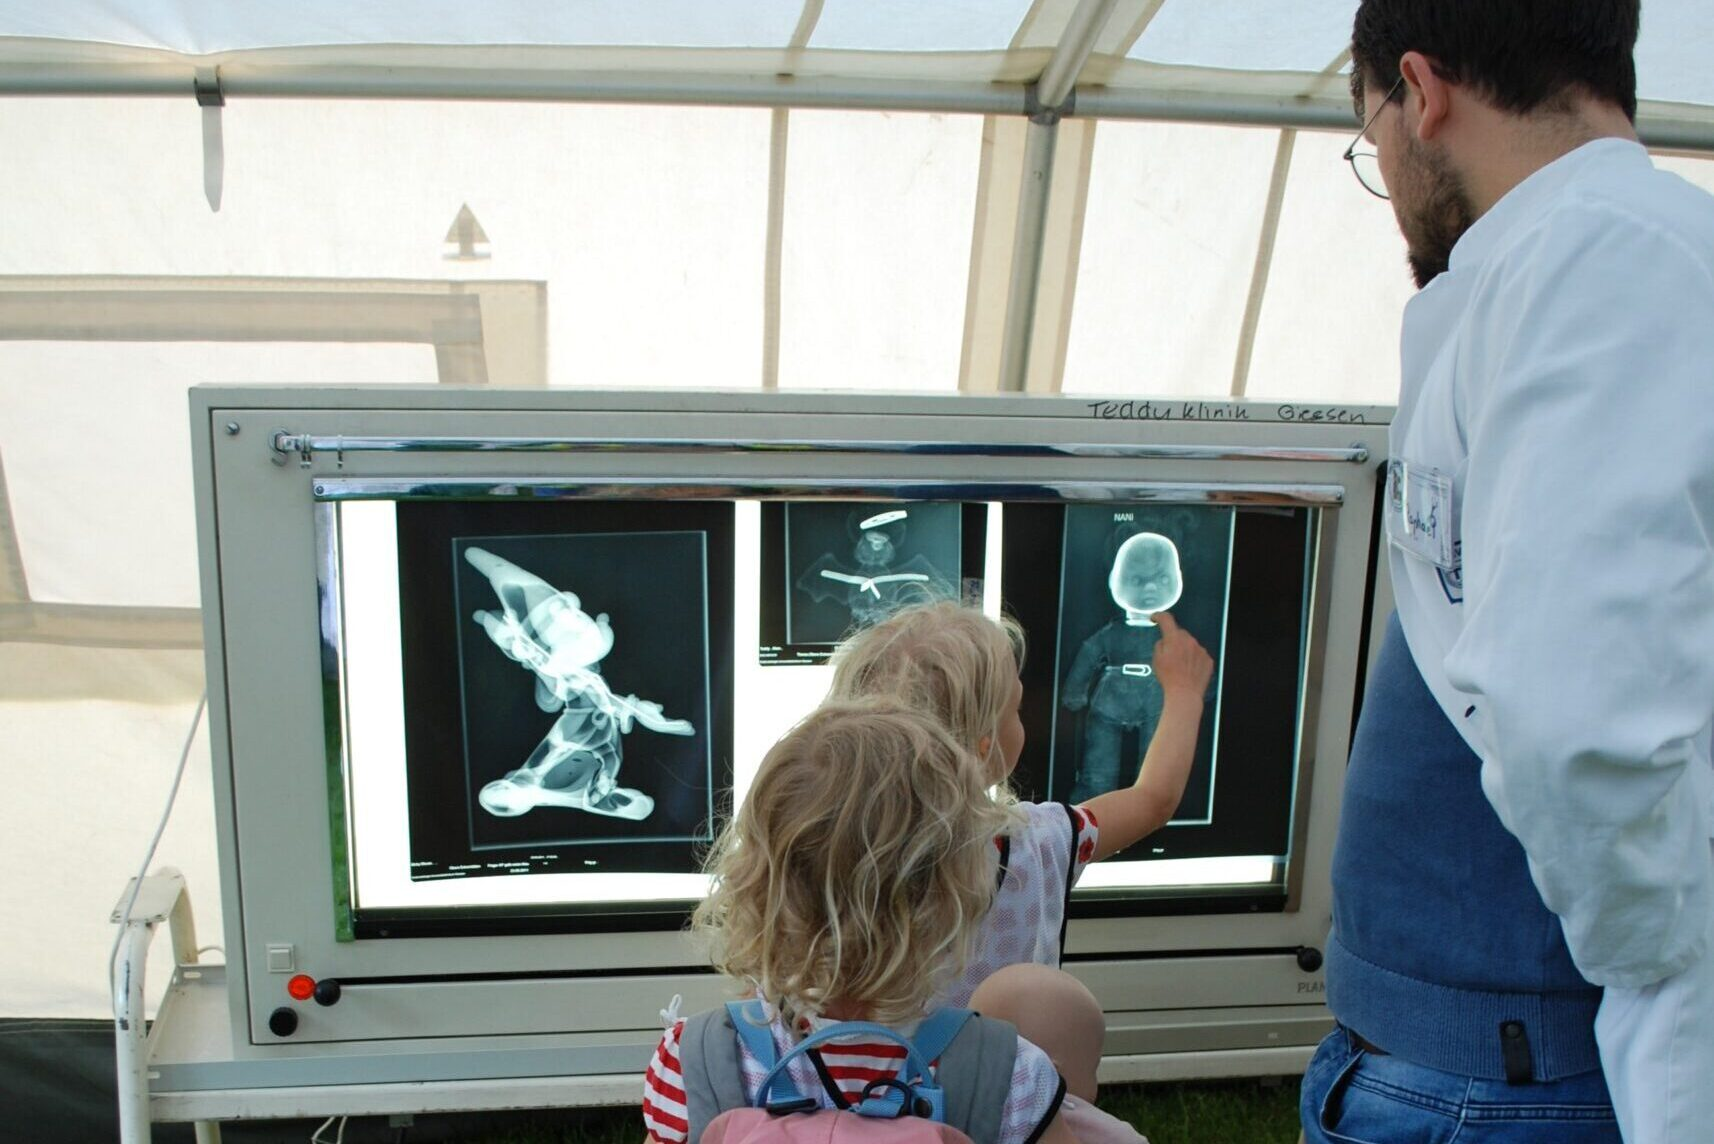 Nun geht es weiter zum Röntgen. Wer erkennt, wo der Knochen gebrochen ist?